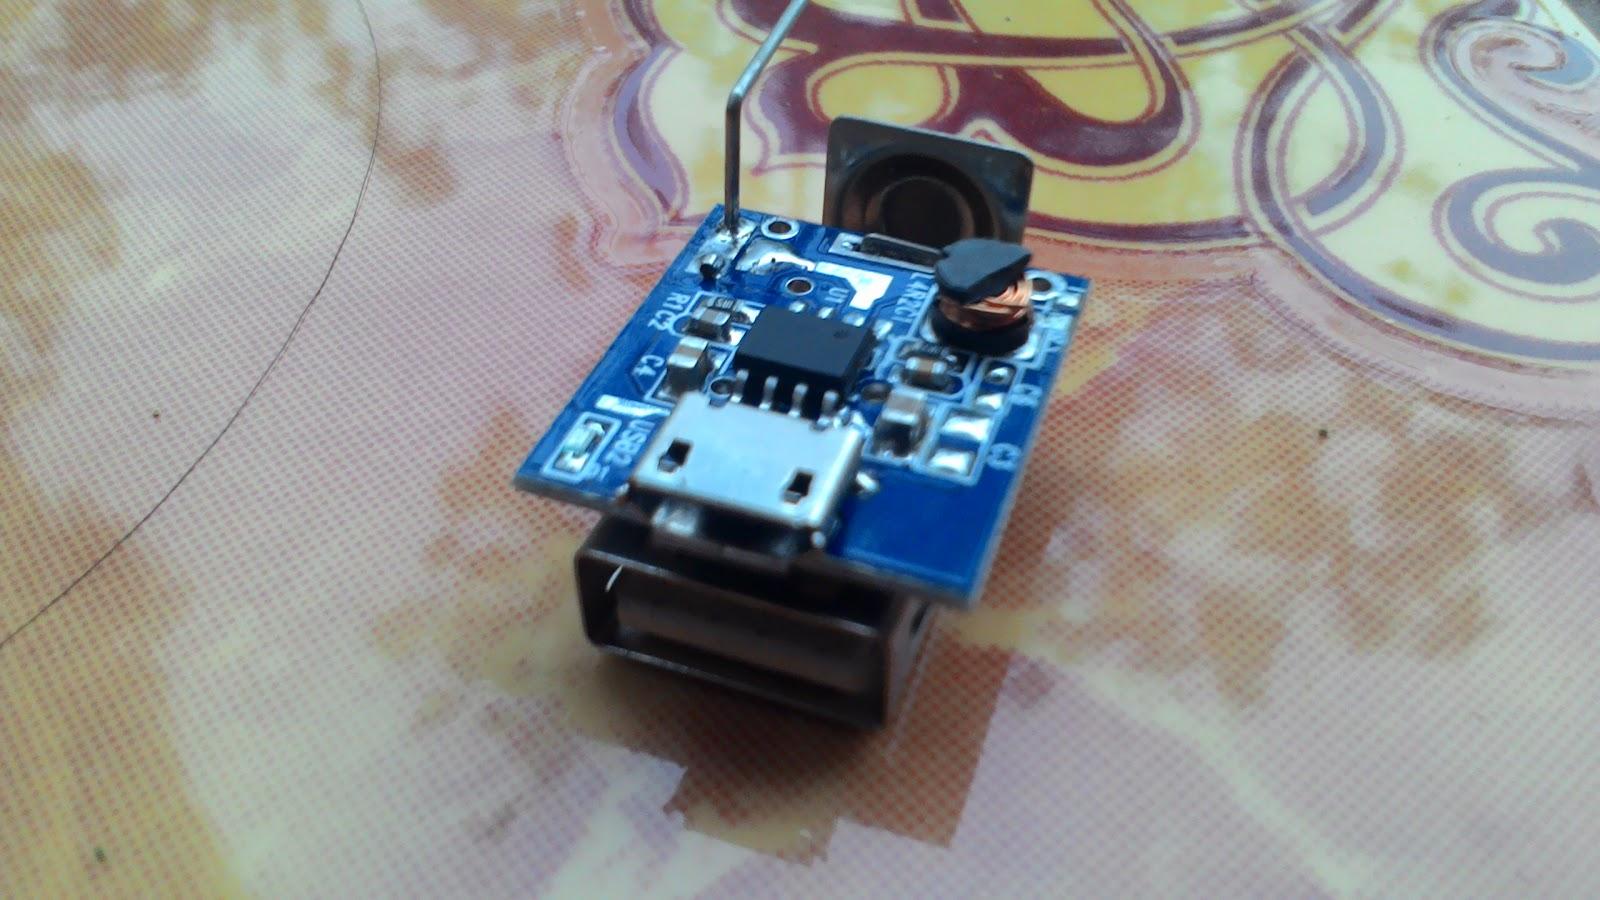 Modifikasi Modul Power Bank Murahan Untuk Membuat Usb Powered Battery Charger Circuit Gambar Skema Rangkaian Kemudian Siapkan Kotak Tempat Anda Dapat Beli Universal Dengan Harga Murah Saya Ini Cukup Rp